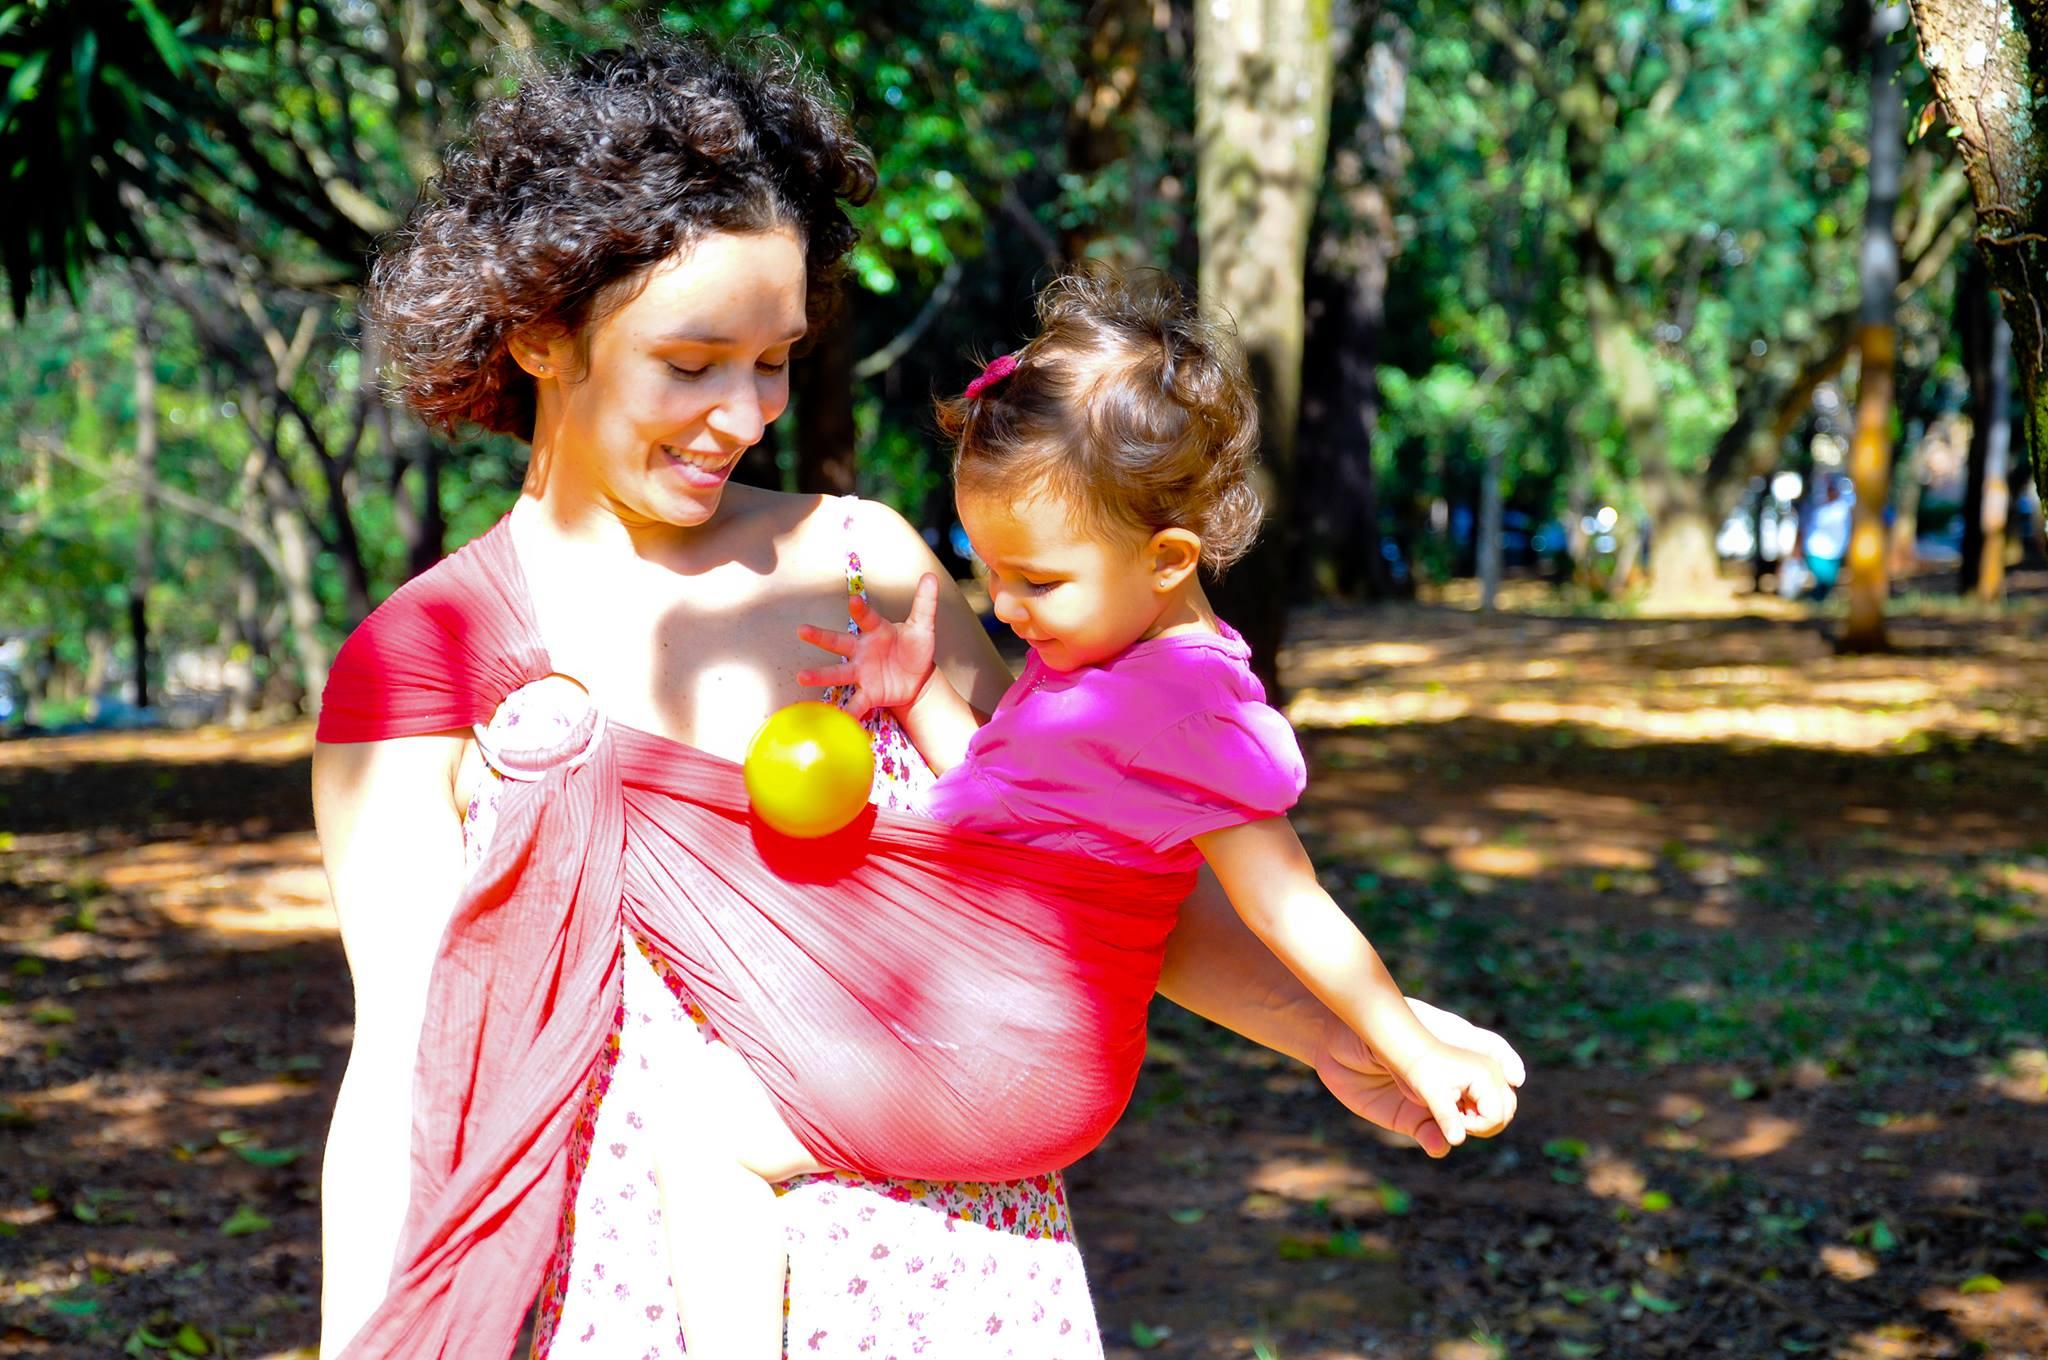 Mãe brinca com a filha usando sling de argola (Foto: Sampa Sling)